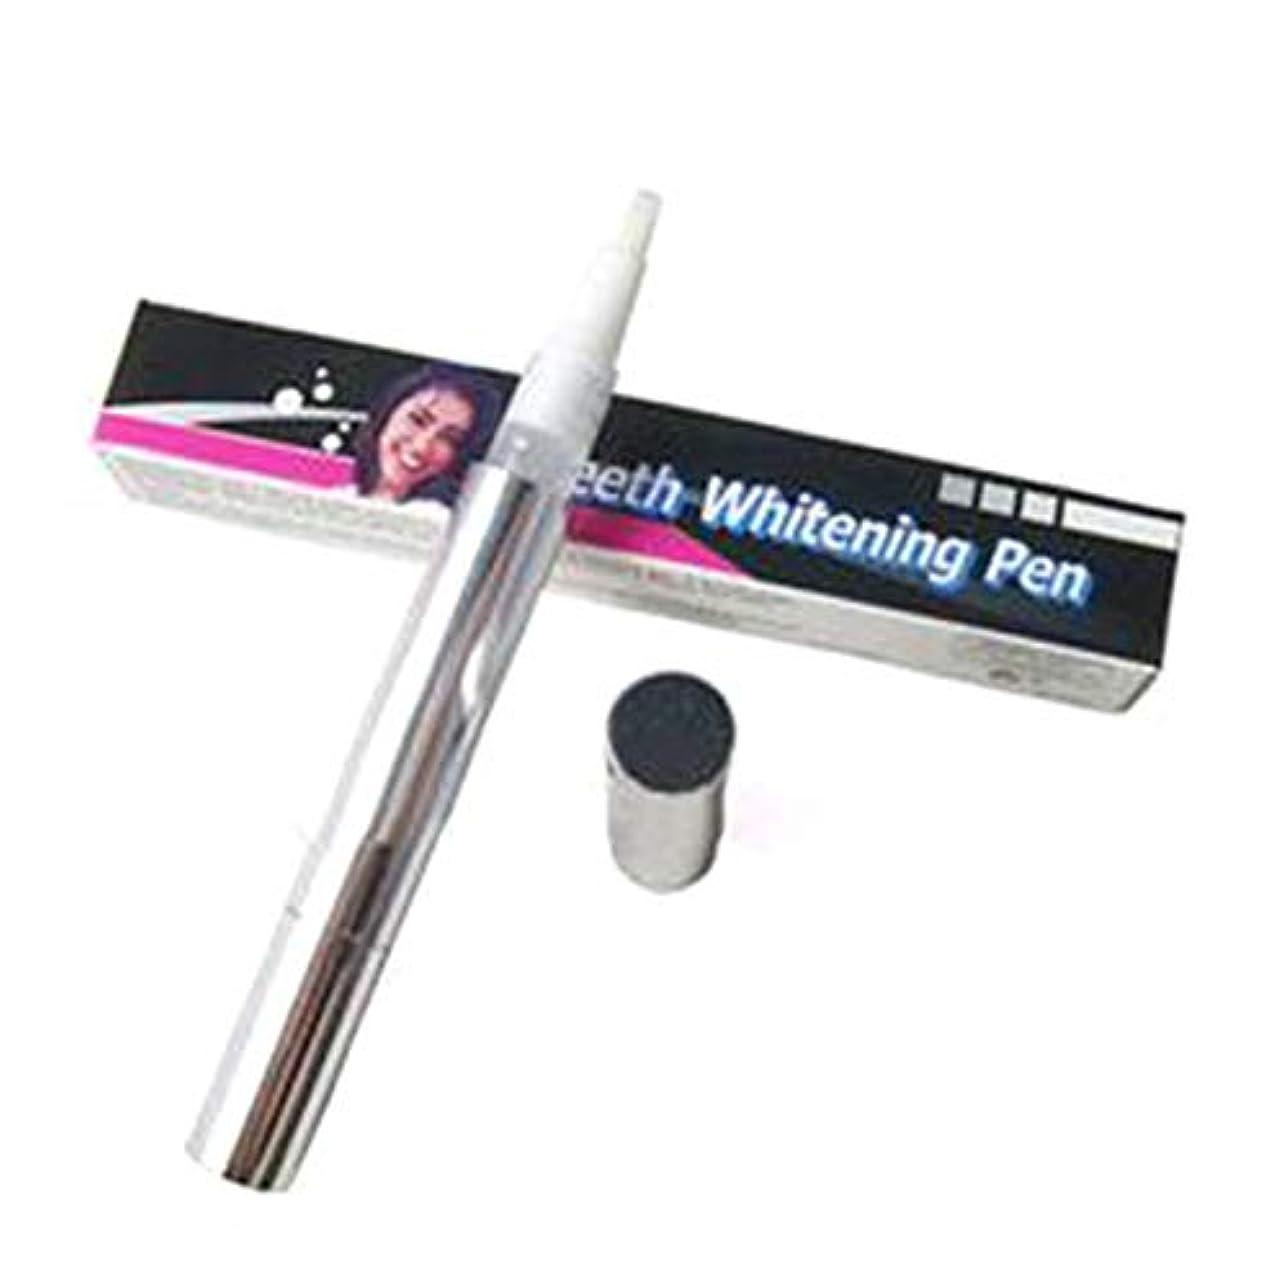 講堂郵便物忠実ペンホワイトニングペン強力な汚れ消しゴム除去速い漂白歯ジェルホワイトナー歯科口腔衛生用品 - シルバー